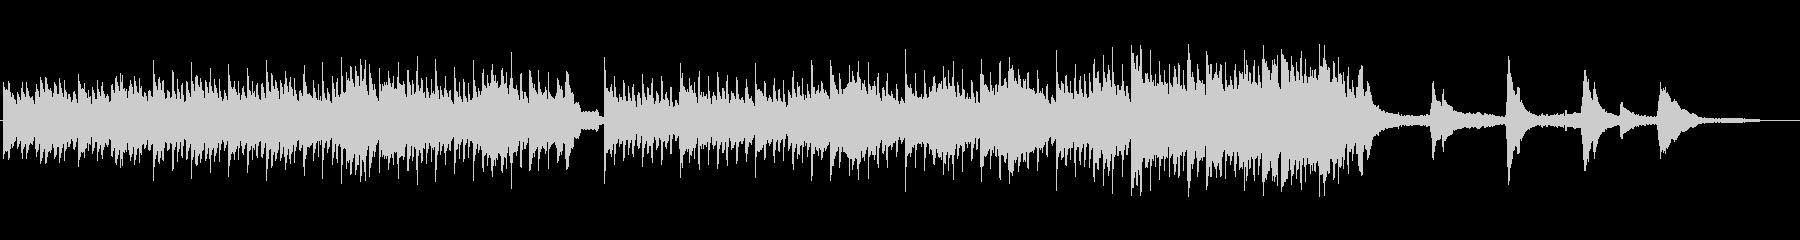 シンプルなピアノとストリングスの未再生の波形